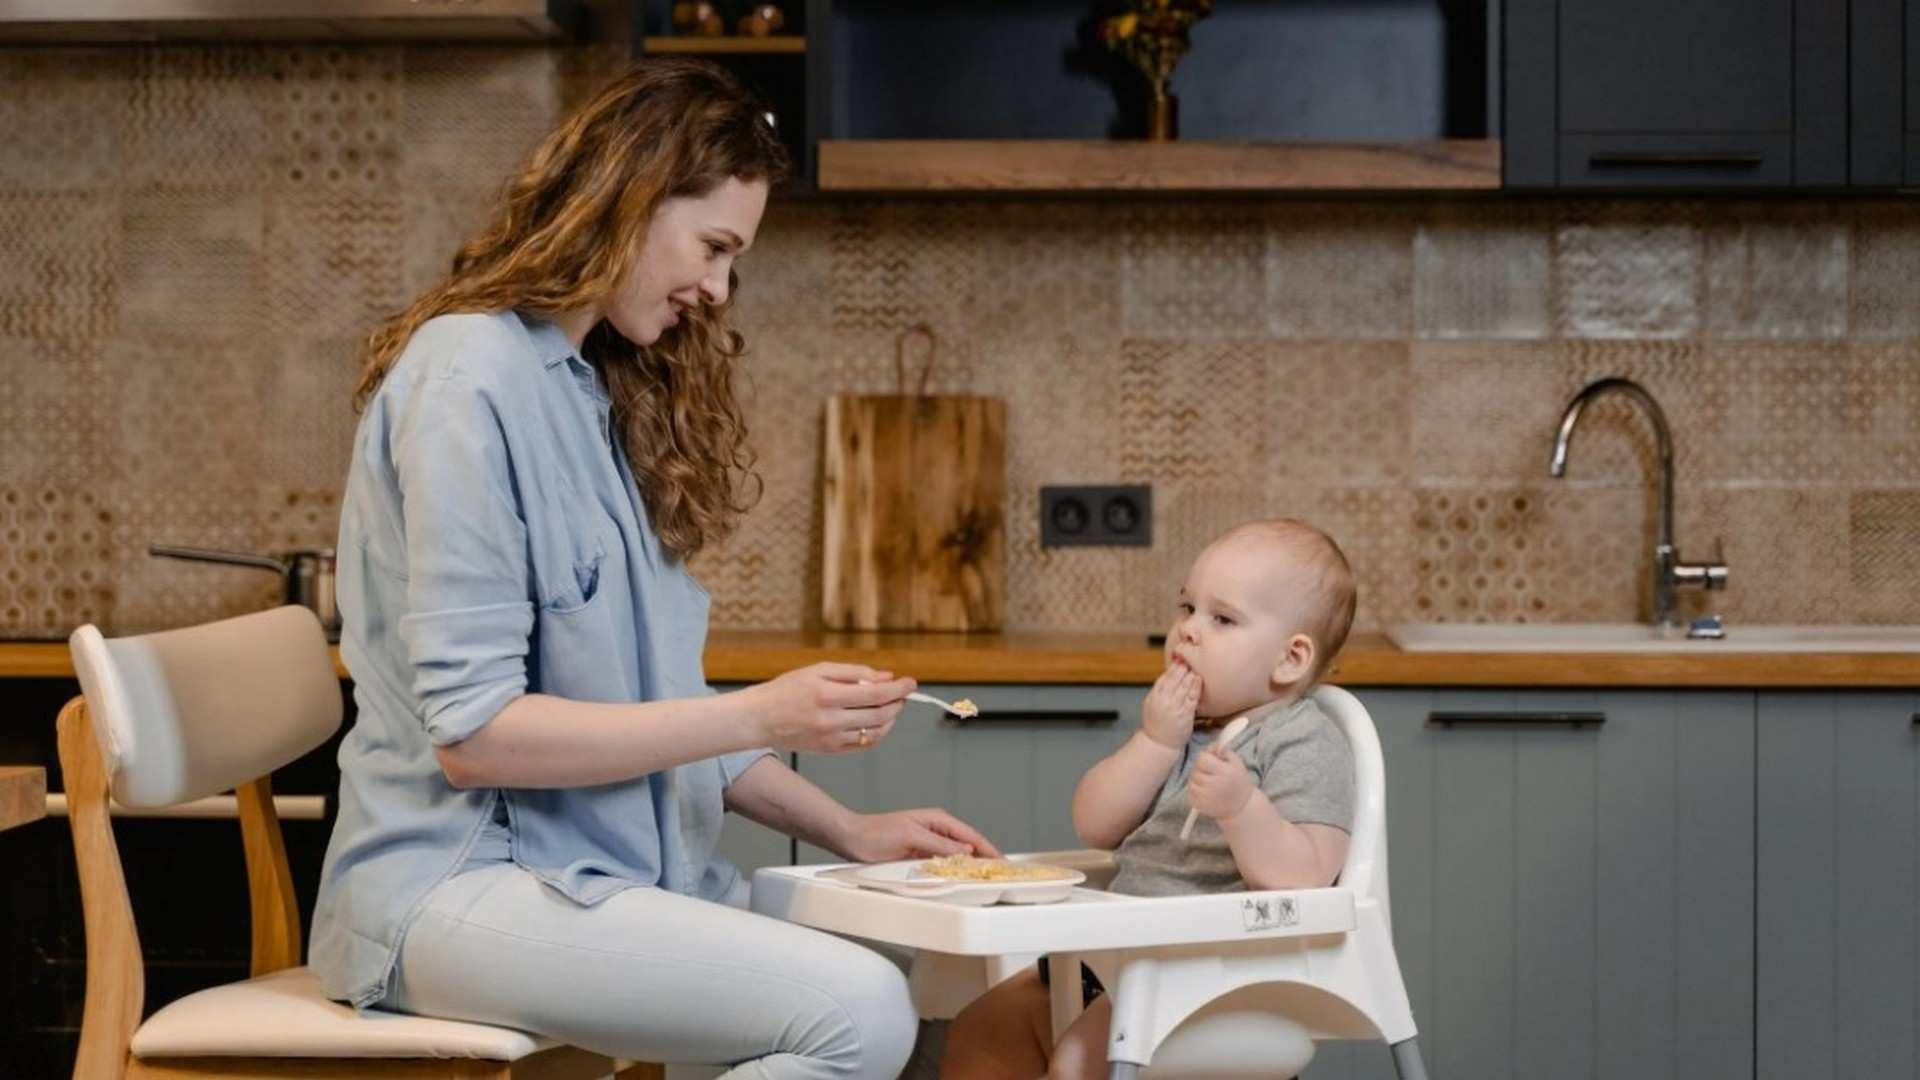 Todo lo que debes saber sobre la alimentación de tu bebé en sus primeros 1000 días de vida